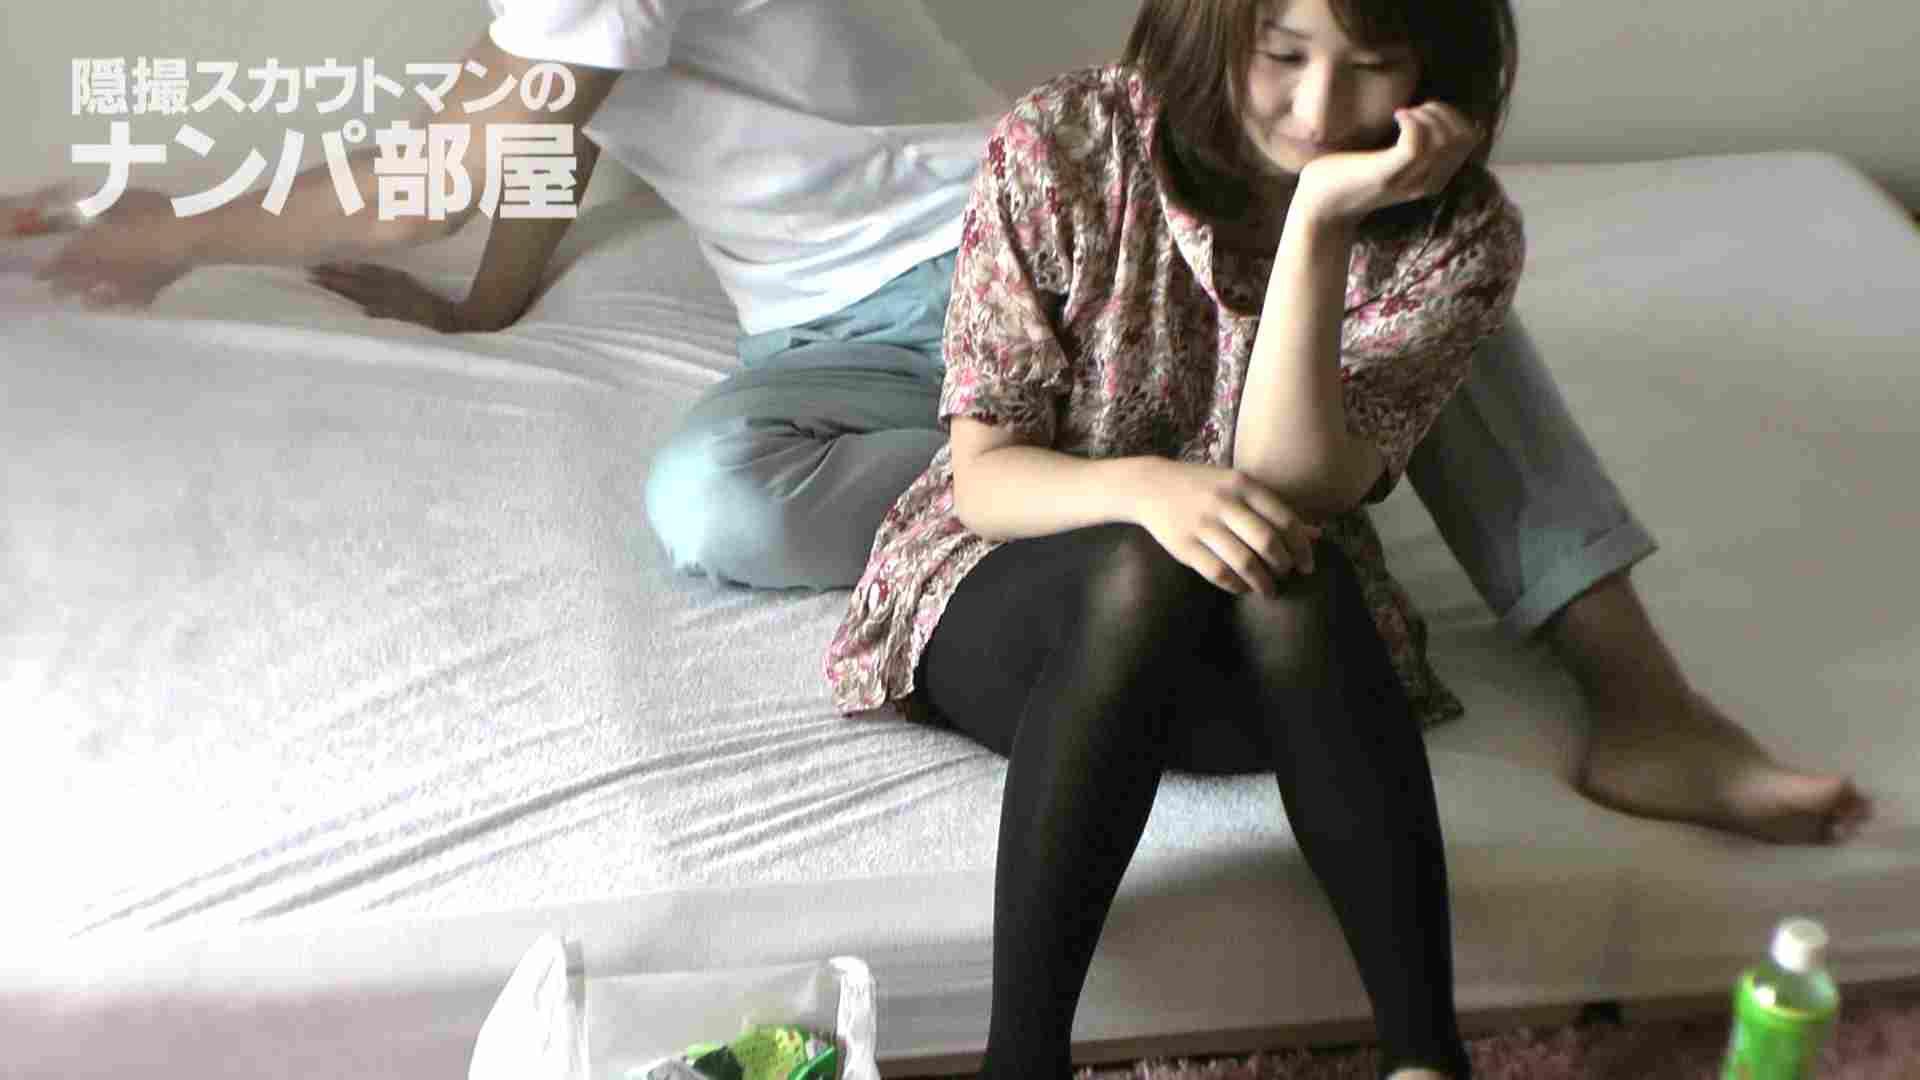 隠撮スカウトマンのナンパ部屋~風俗デビュー前のつまみ食い~ sii 隠撮 | 脱衣所  94pic 13